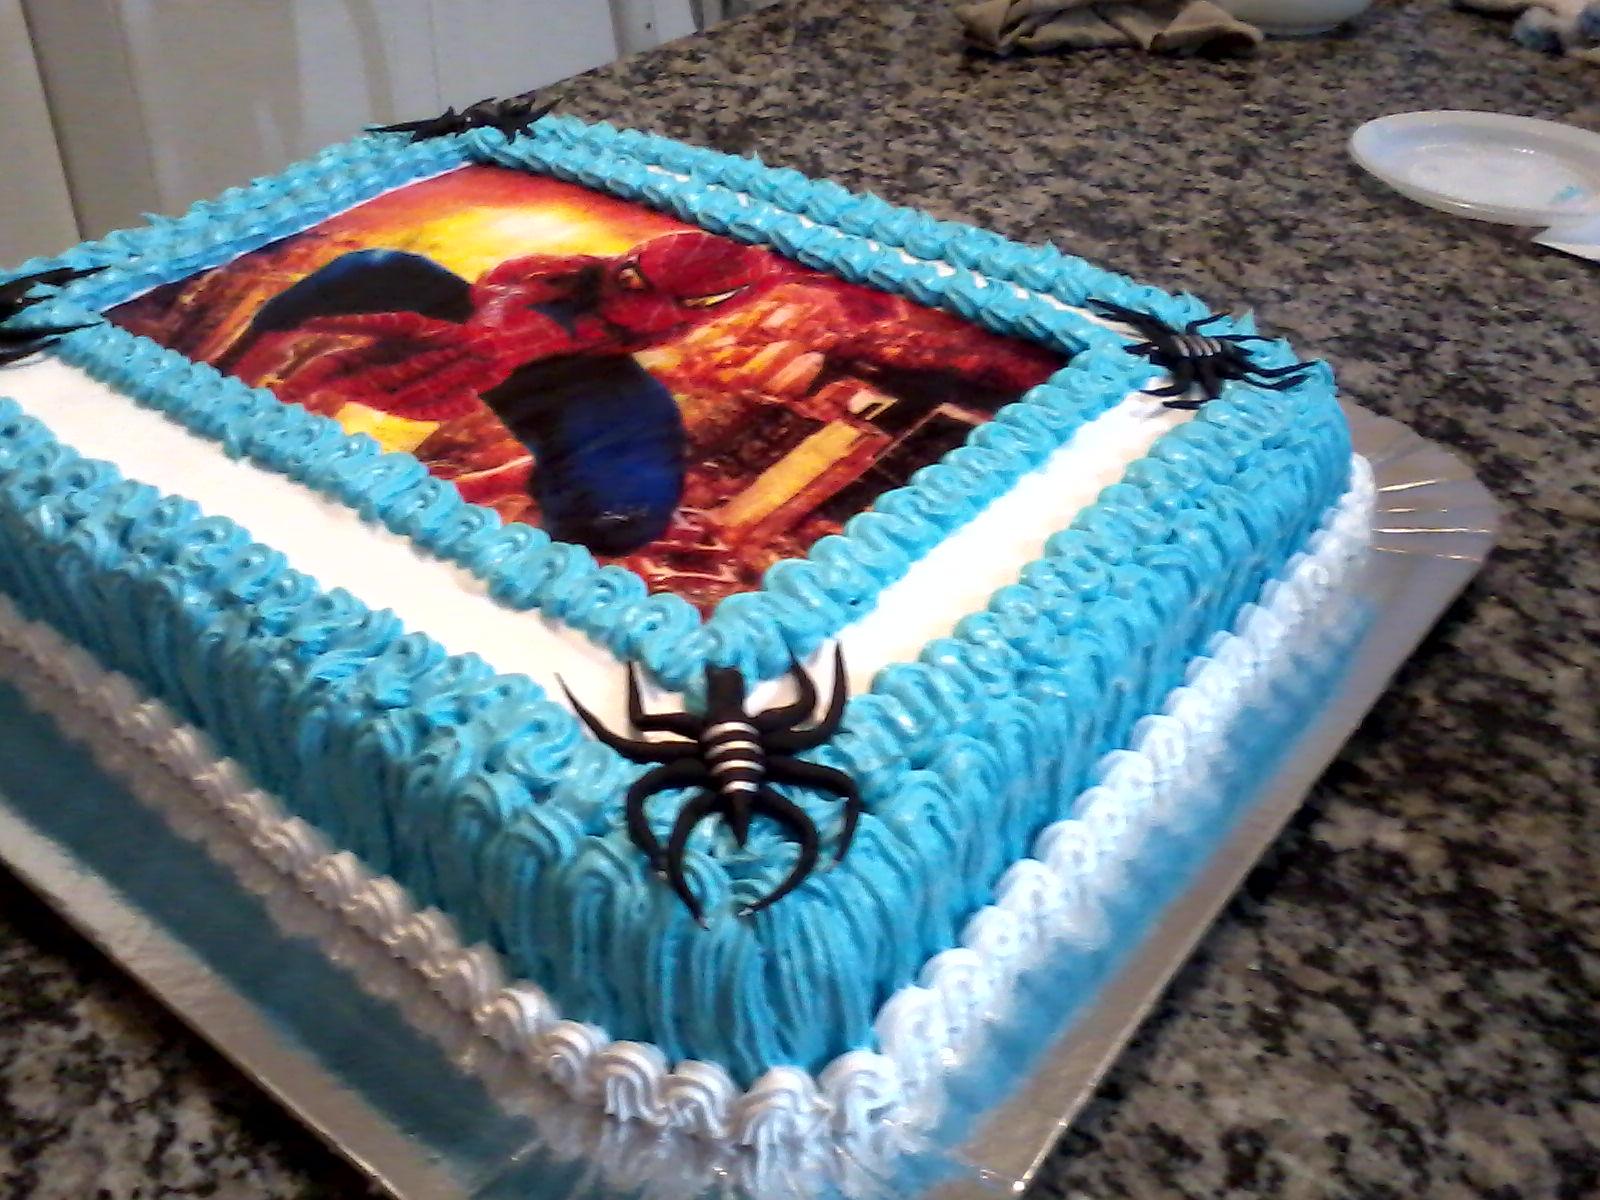 Arts cakes bolos decorados bolo do homem aranha bolo do homem aranha altavistaventures Image collections